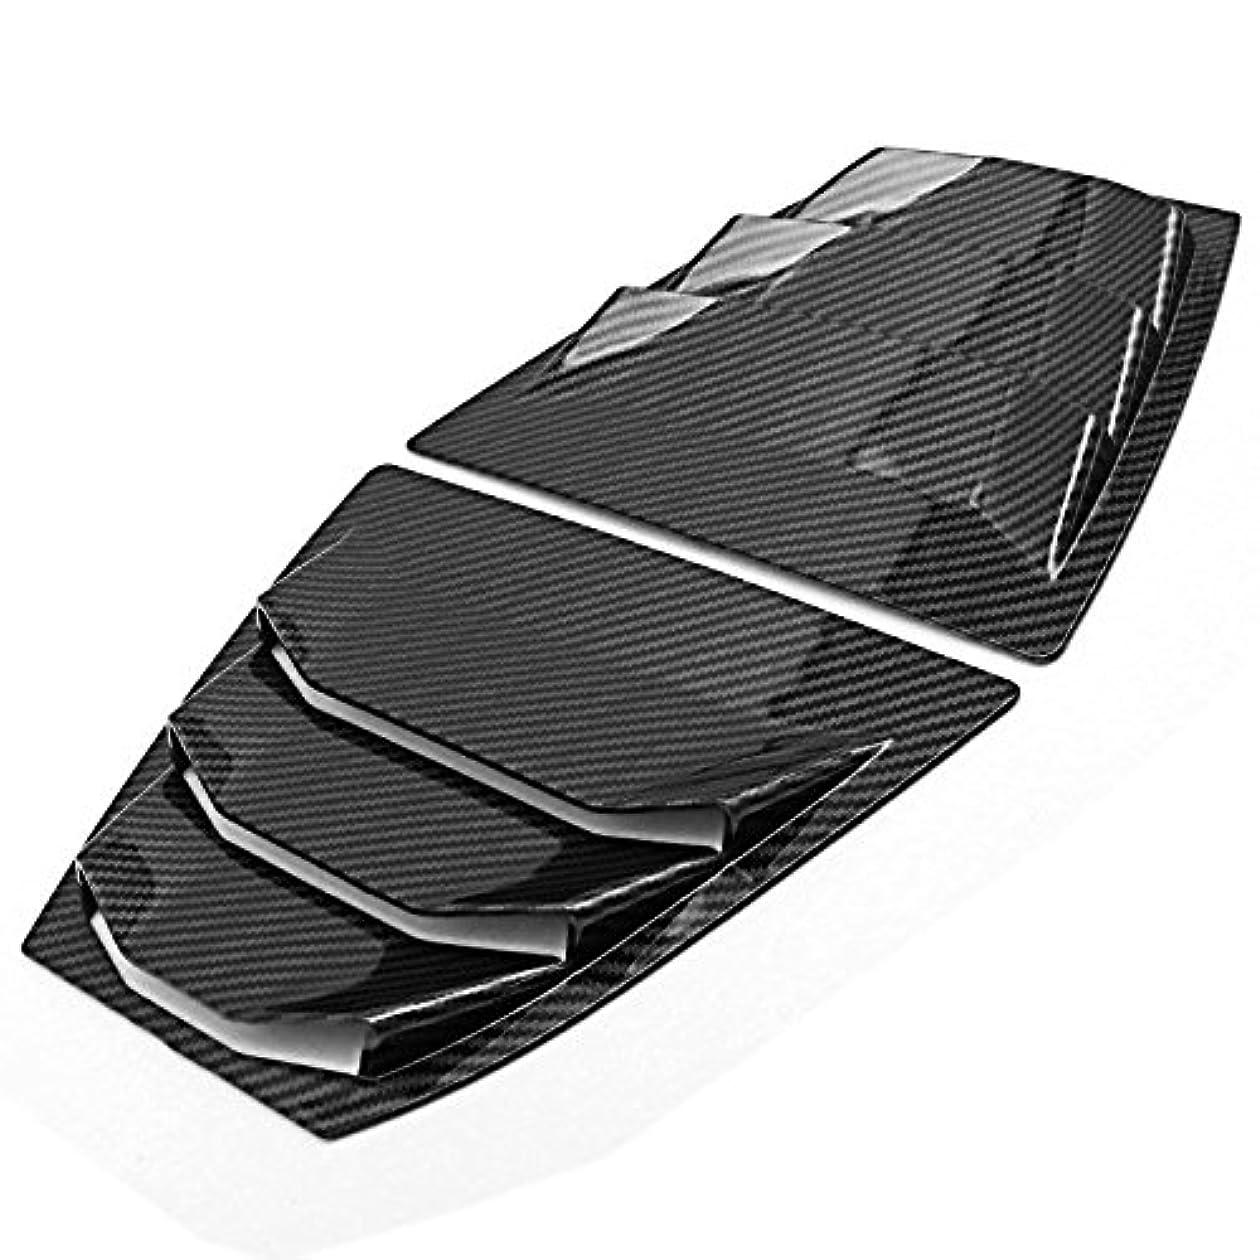 しかしながら既にヒープJicorzo - Mazda3の4D 2014年から2018年カーアクセサリースタイリングのための炭素繊維のカラーリアクオーターパネルウィンドウサイドルーバーベントトリムフィット2PCS